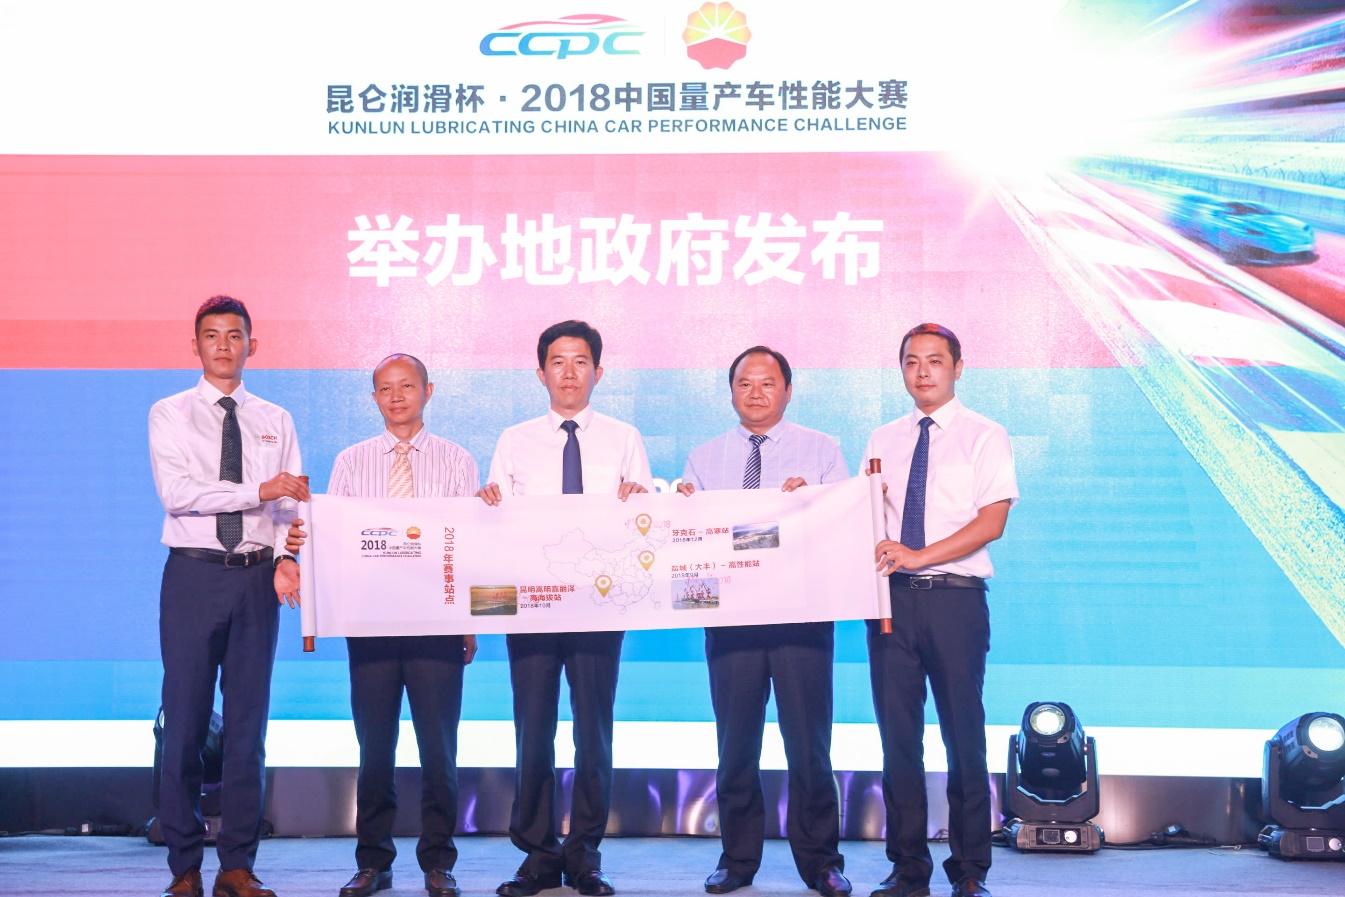 昆仑润滑杯•2018中国量产车性能大赛扬帆起航